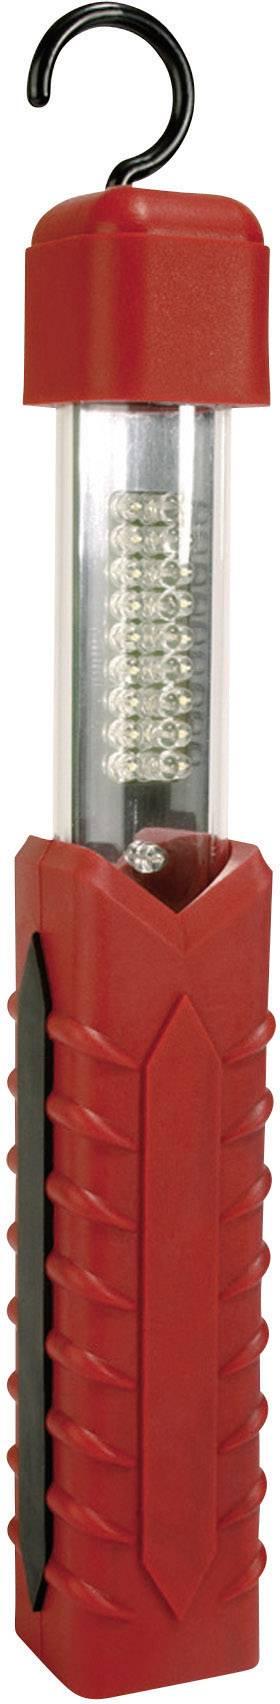 Pracovní LED svítilna Testboy Light 500, 27 LED